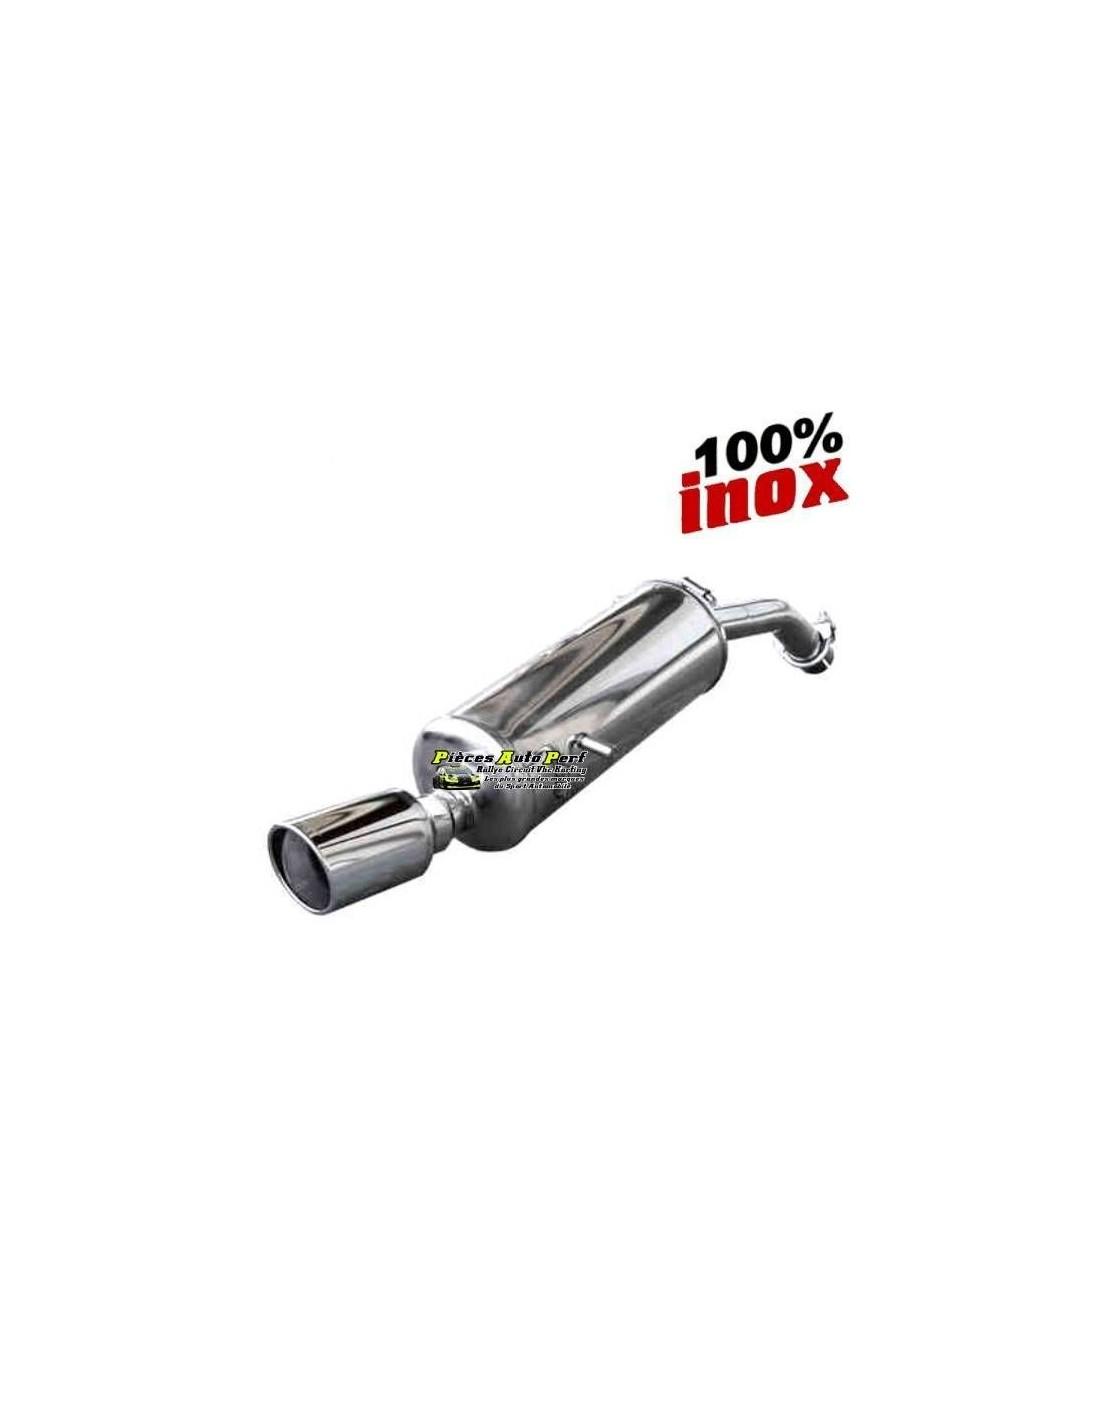 Silencieux Sportif Inox Simple Sortie X Race 90mm Opel